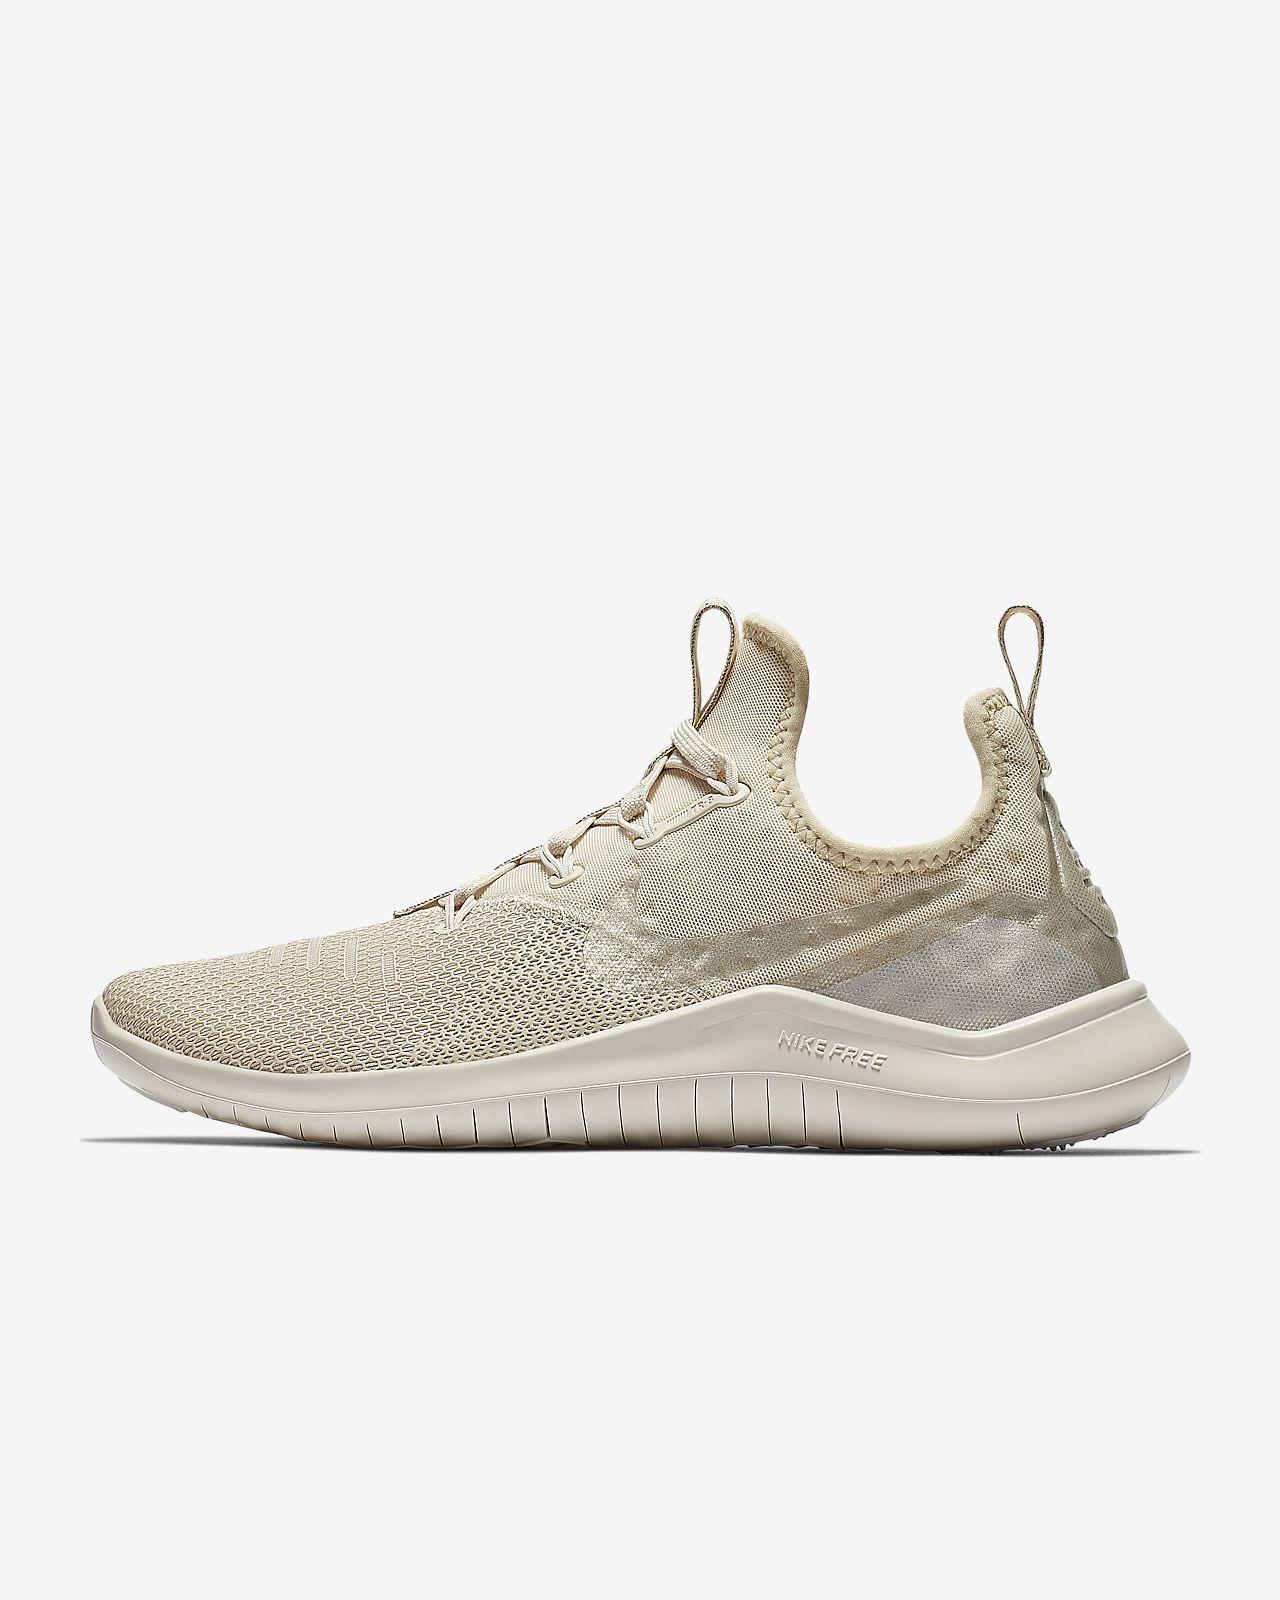 Detalles de Nike Free TR8 Champán Entrenamiento Zapatos Mujer Blanco Zapatillas Deportivas